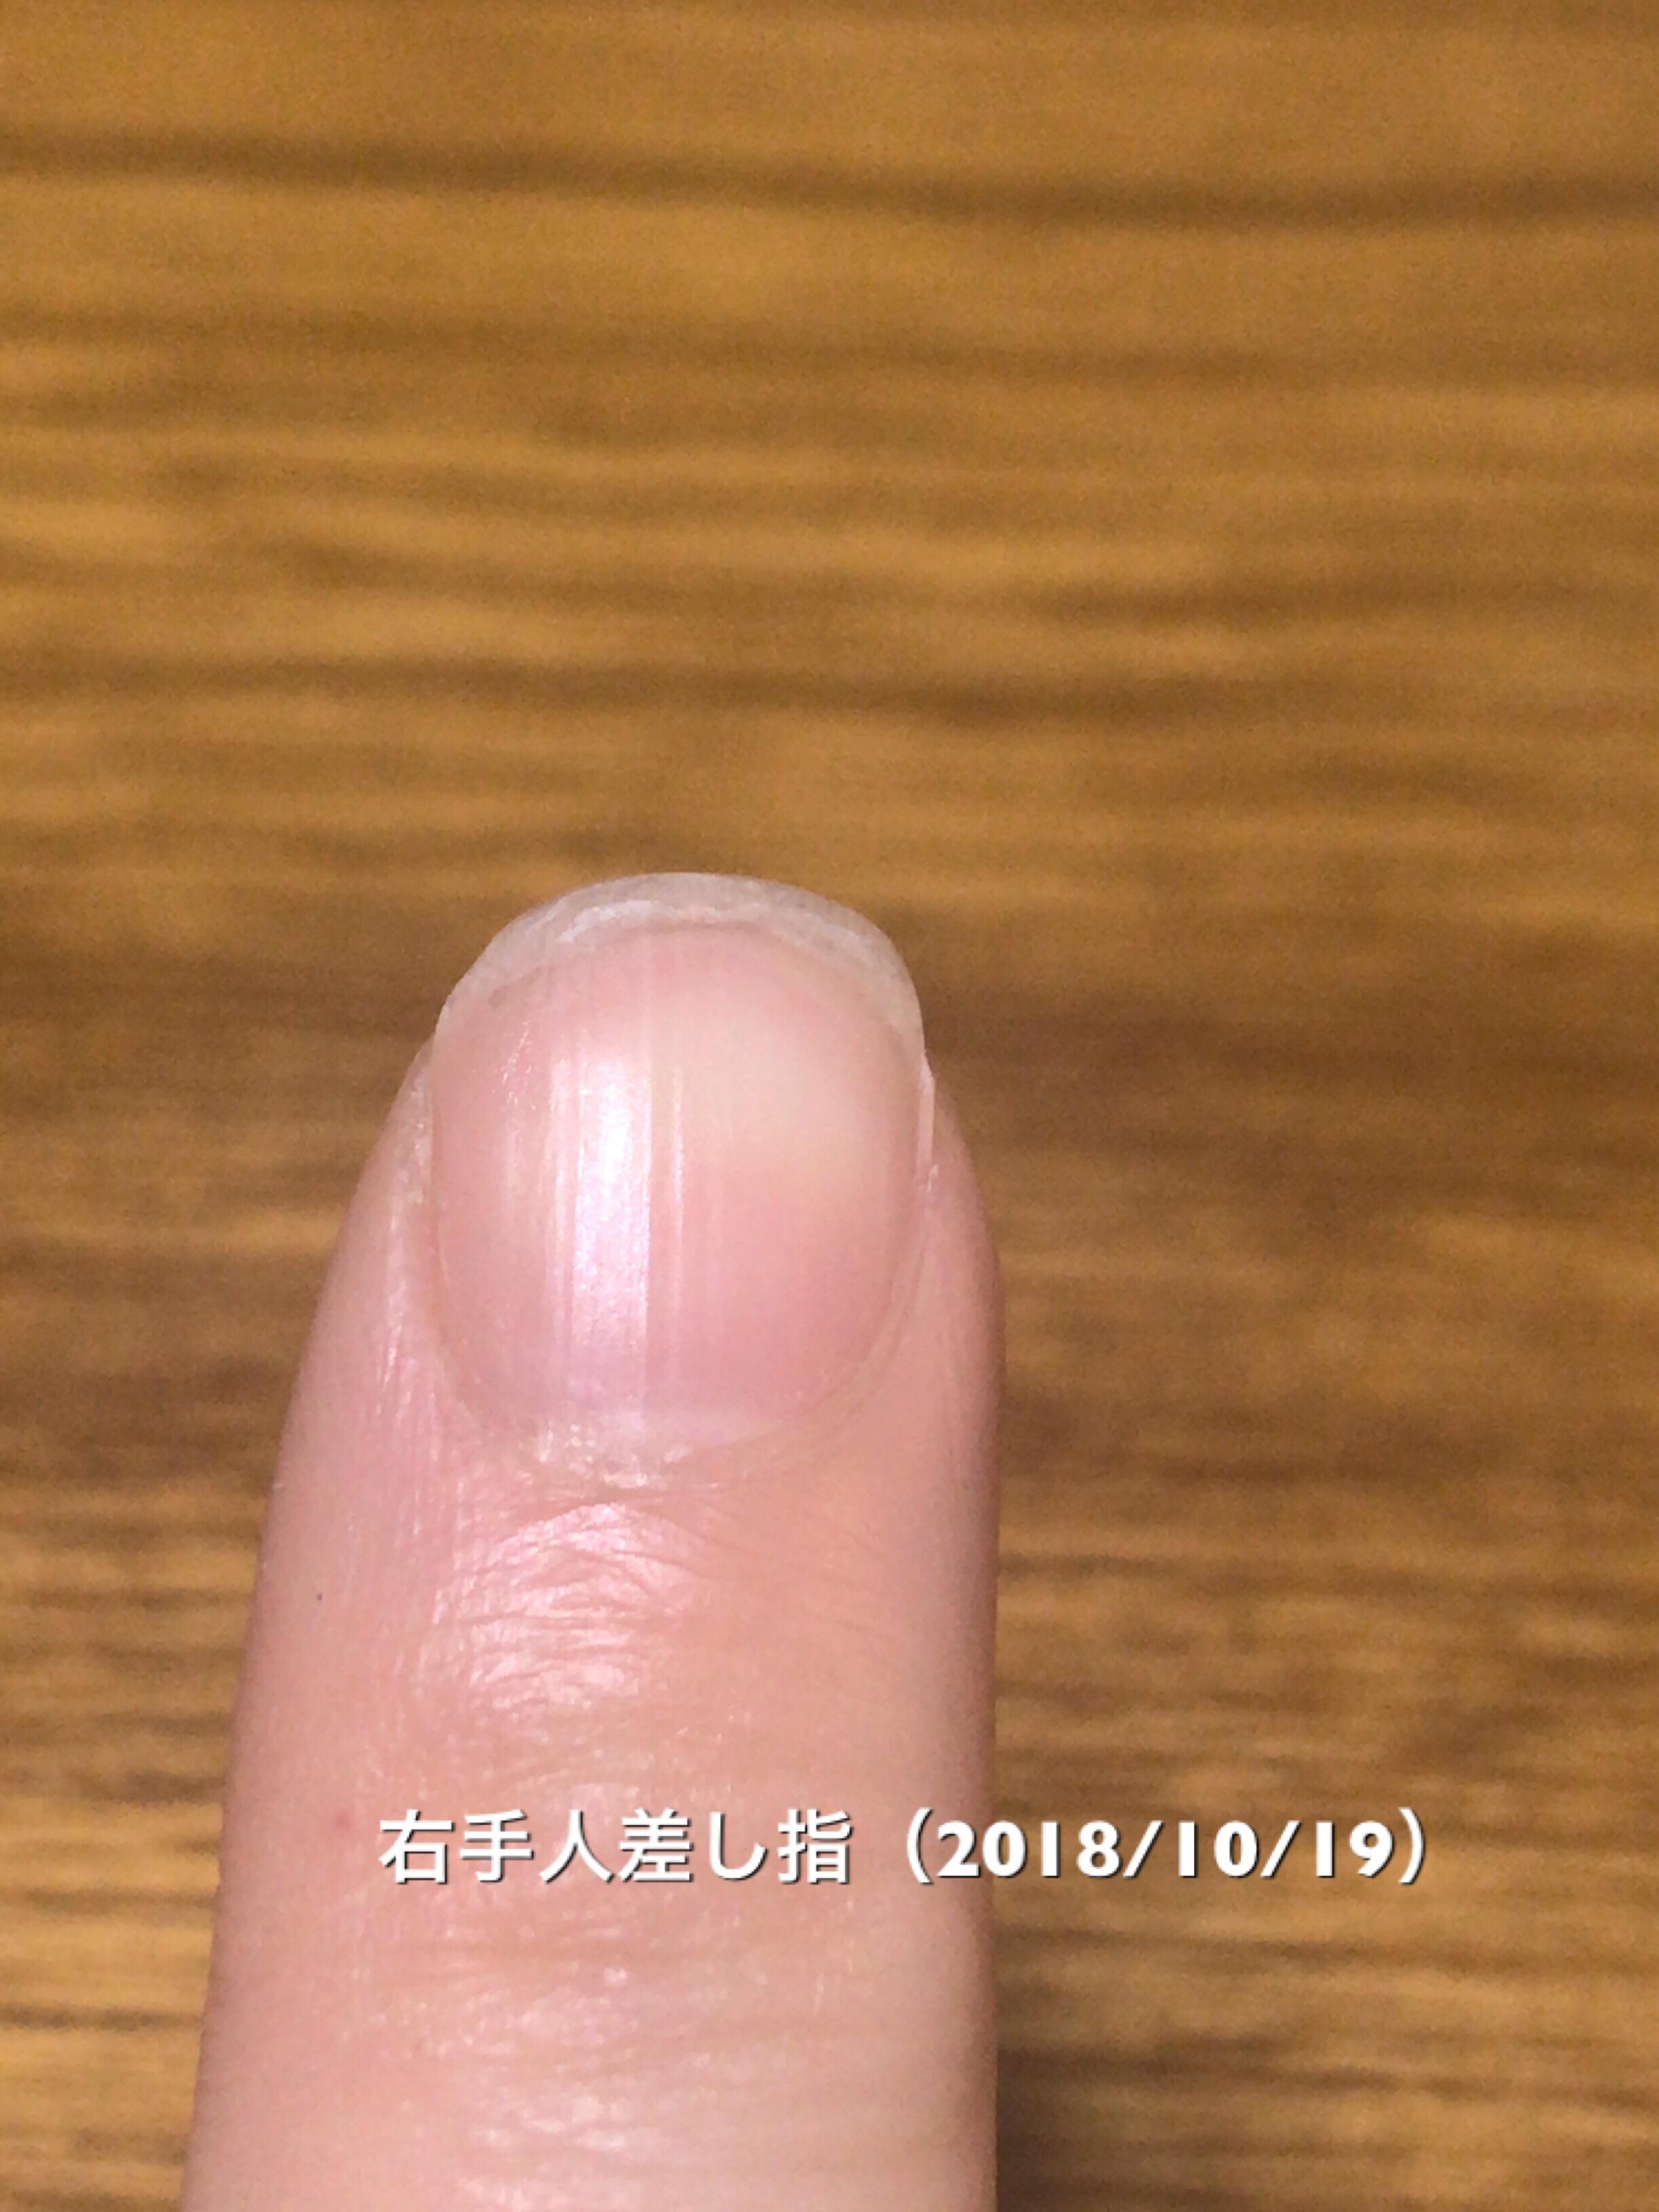 右手人差し指は、矯正開始1週間で、爪先が割れるというアクシデントを経験。切って整えたので、他より短めです(元々、よく使う人差し指は、他より爪がボロボロになりやすいです…(^^;)。真ん丸だったのが、すこーし縦に伸びだした兆候があるような…。今後に期待です。という写真